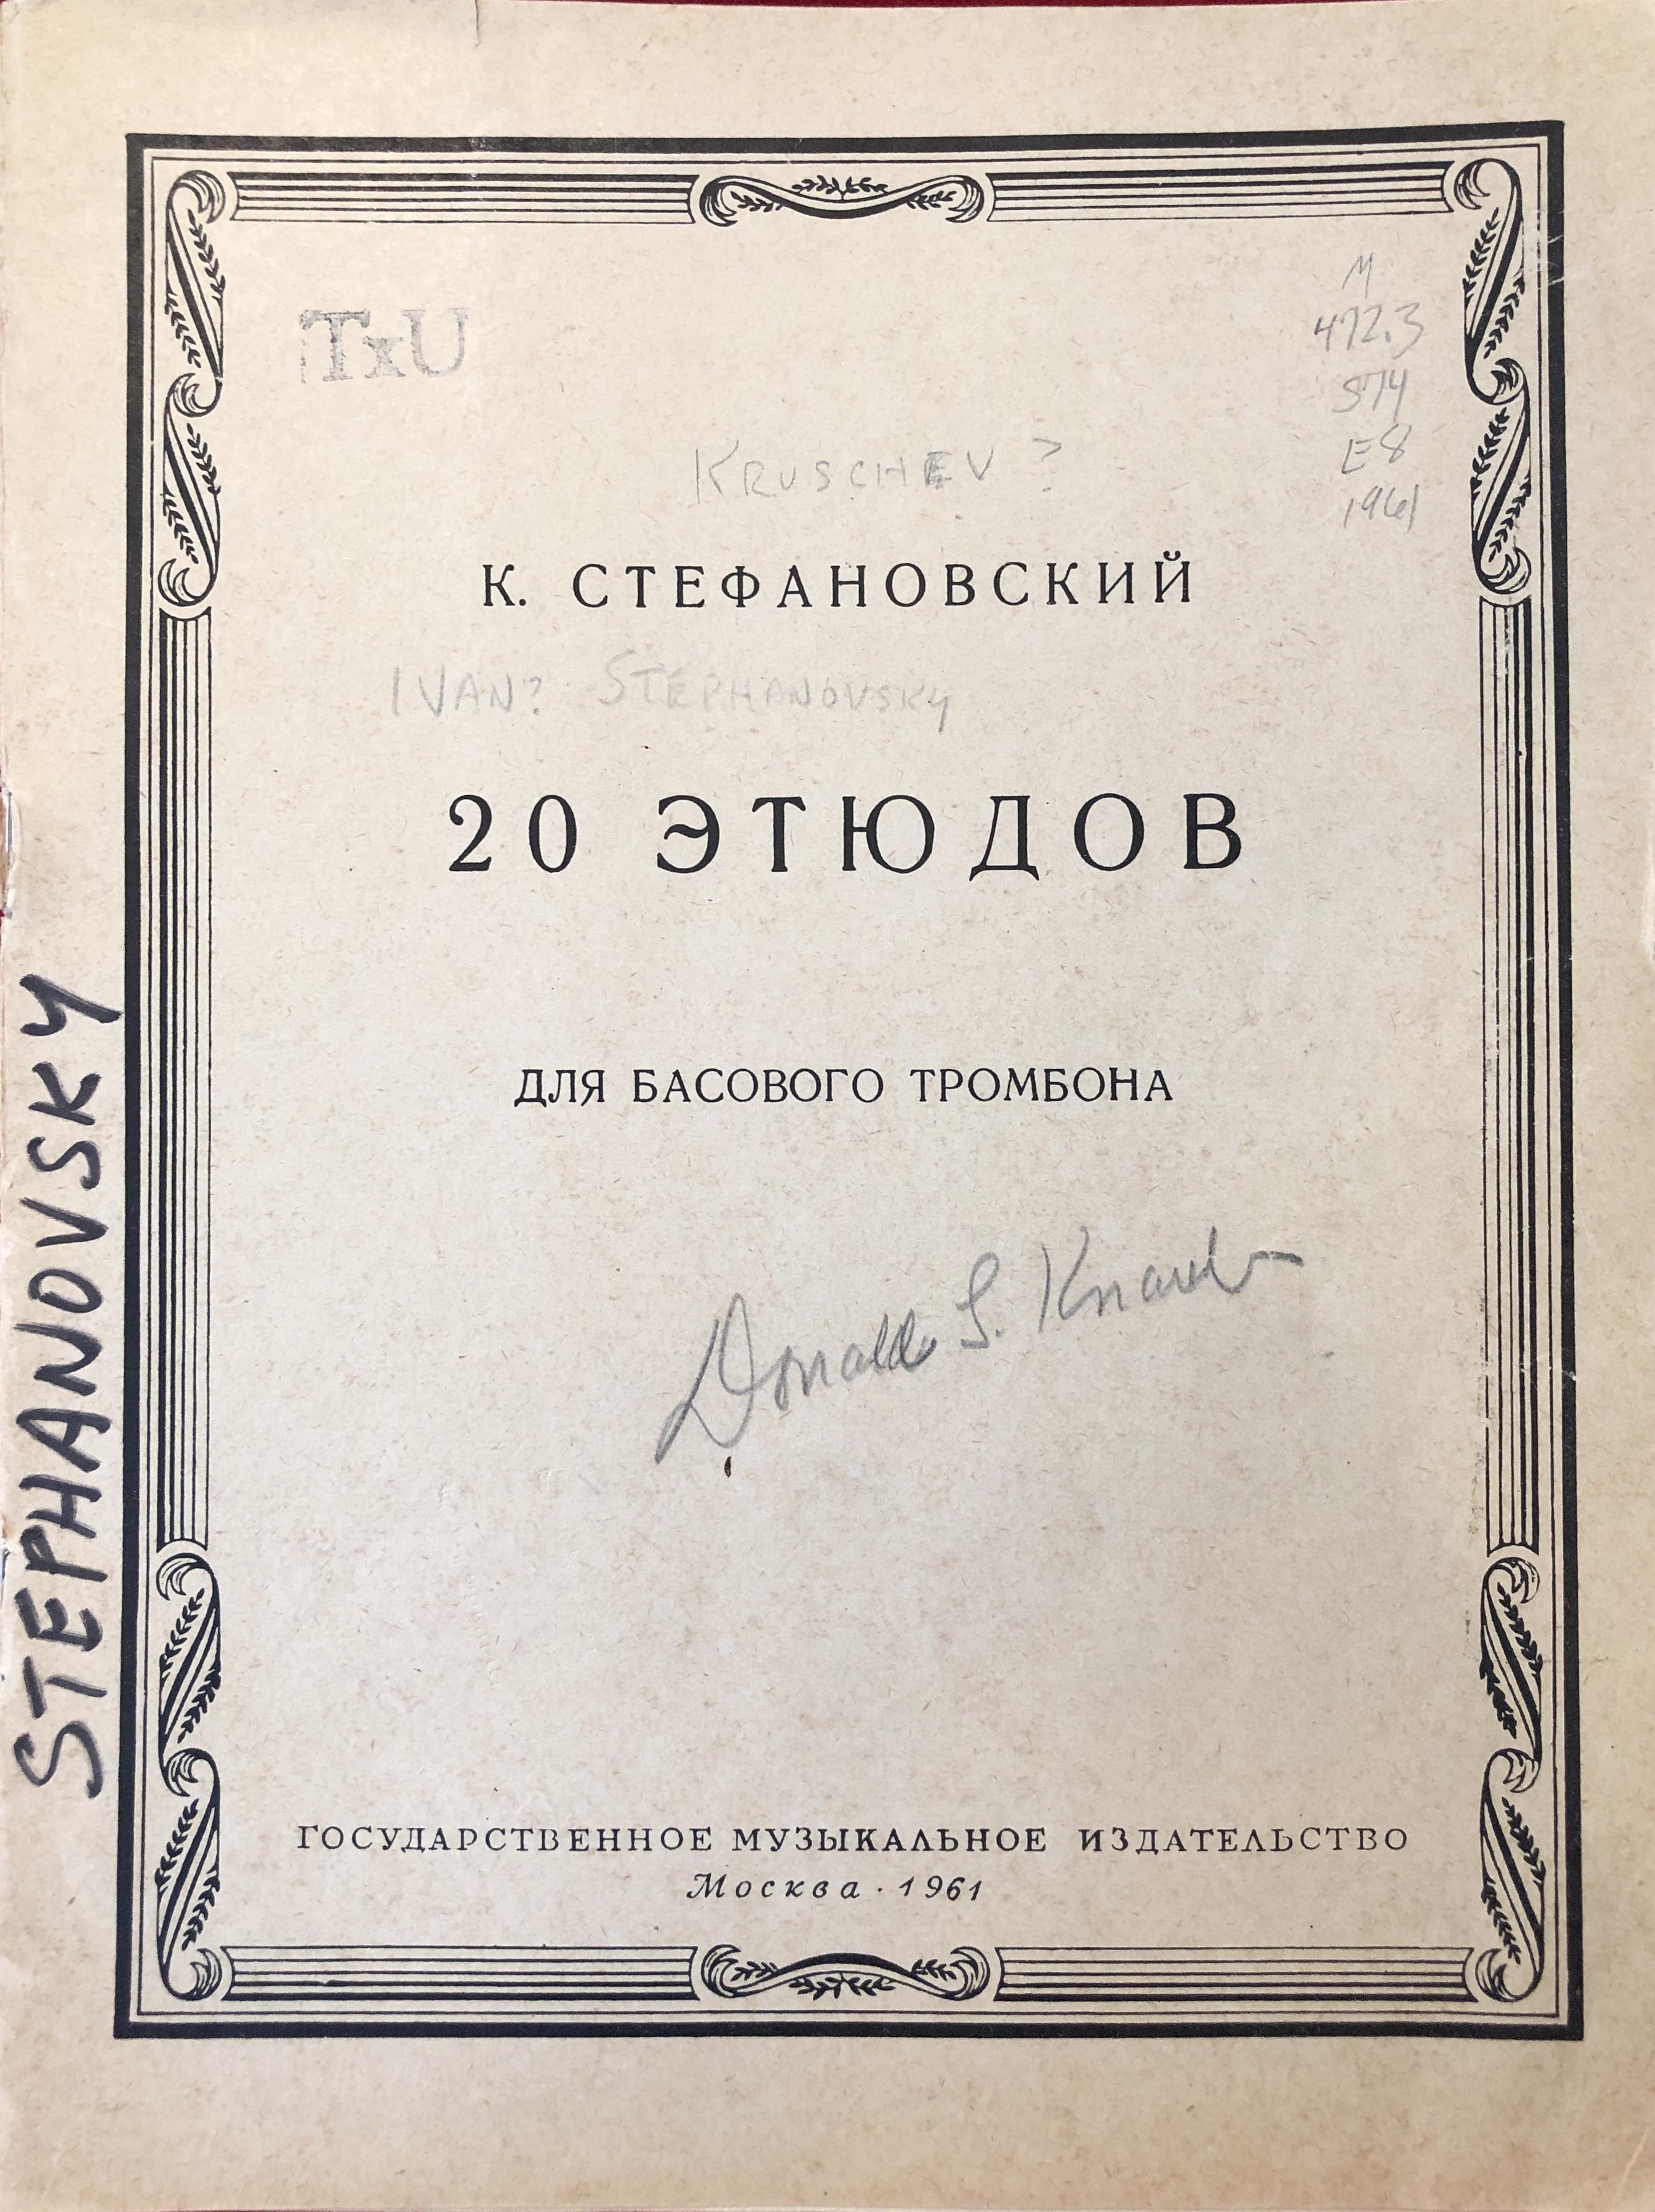 stephanovksy_cover_knaub_copy_1961